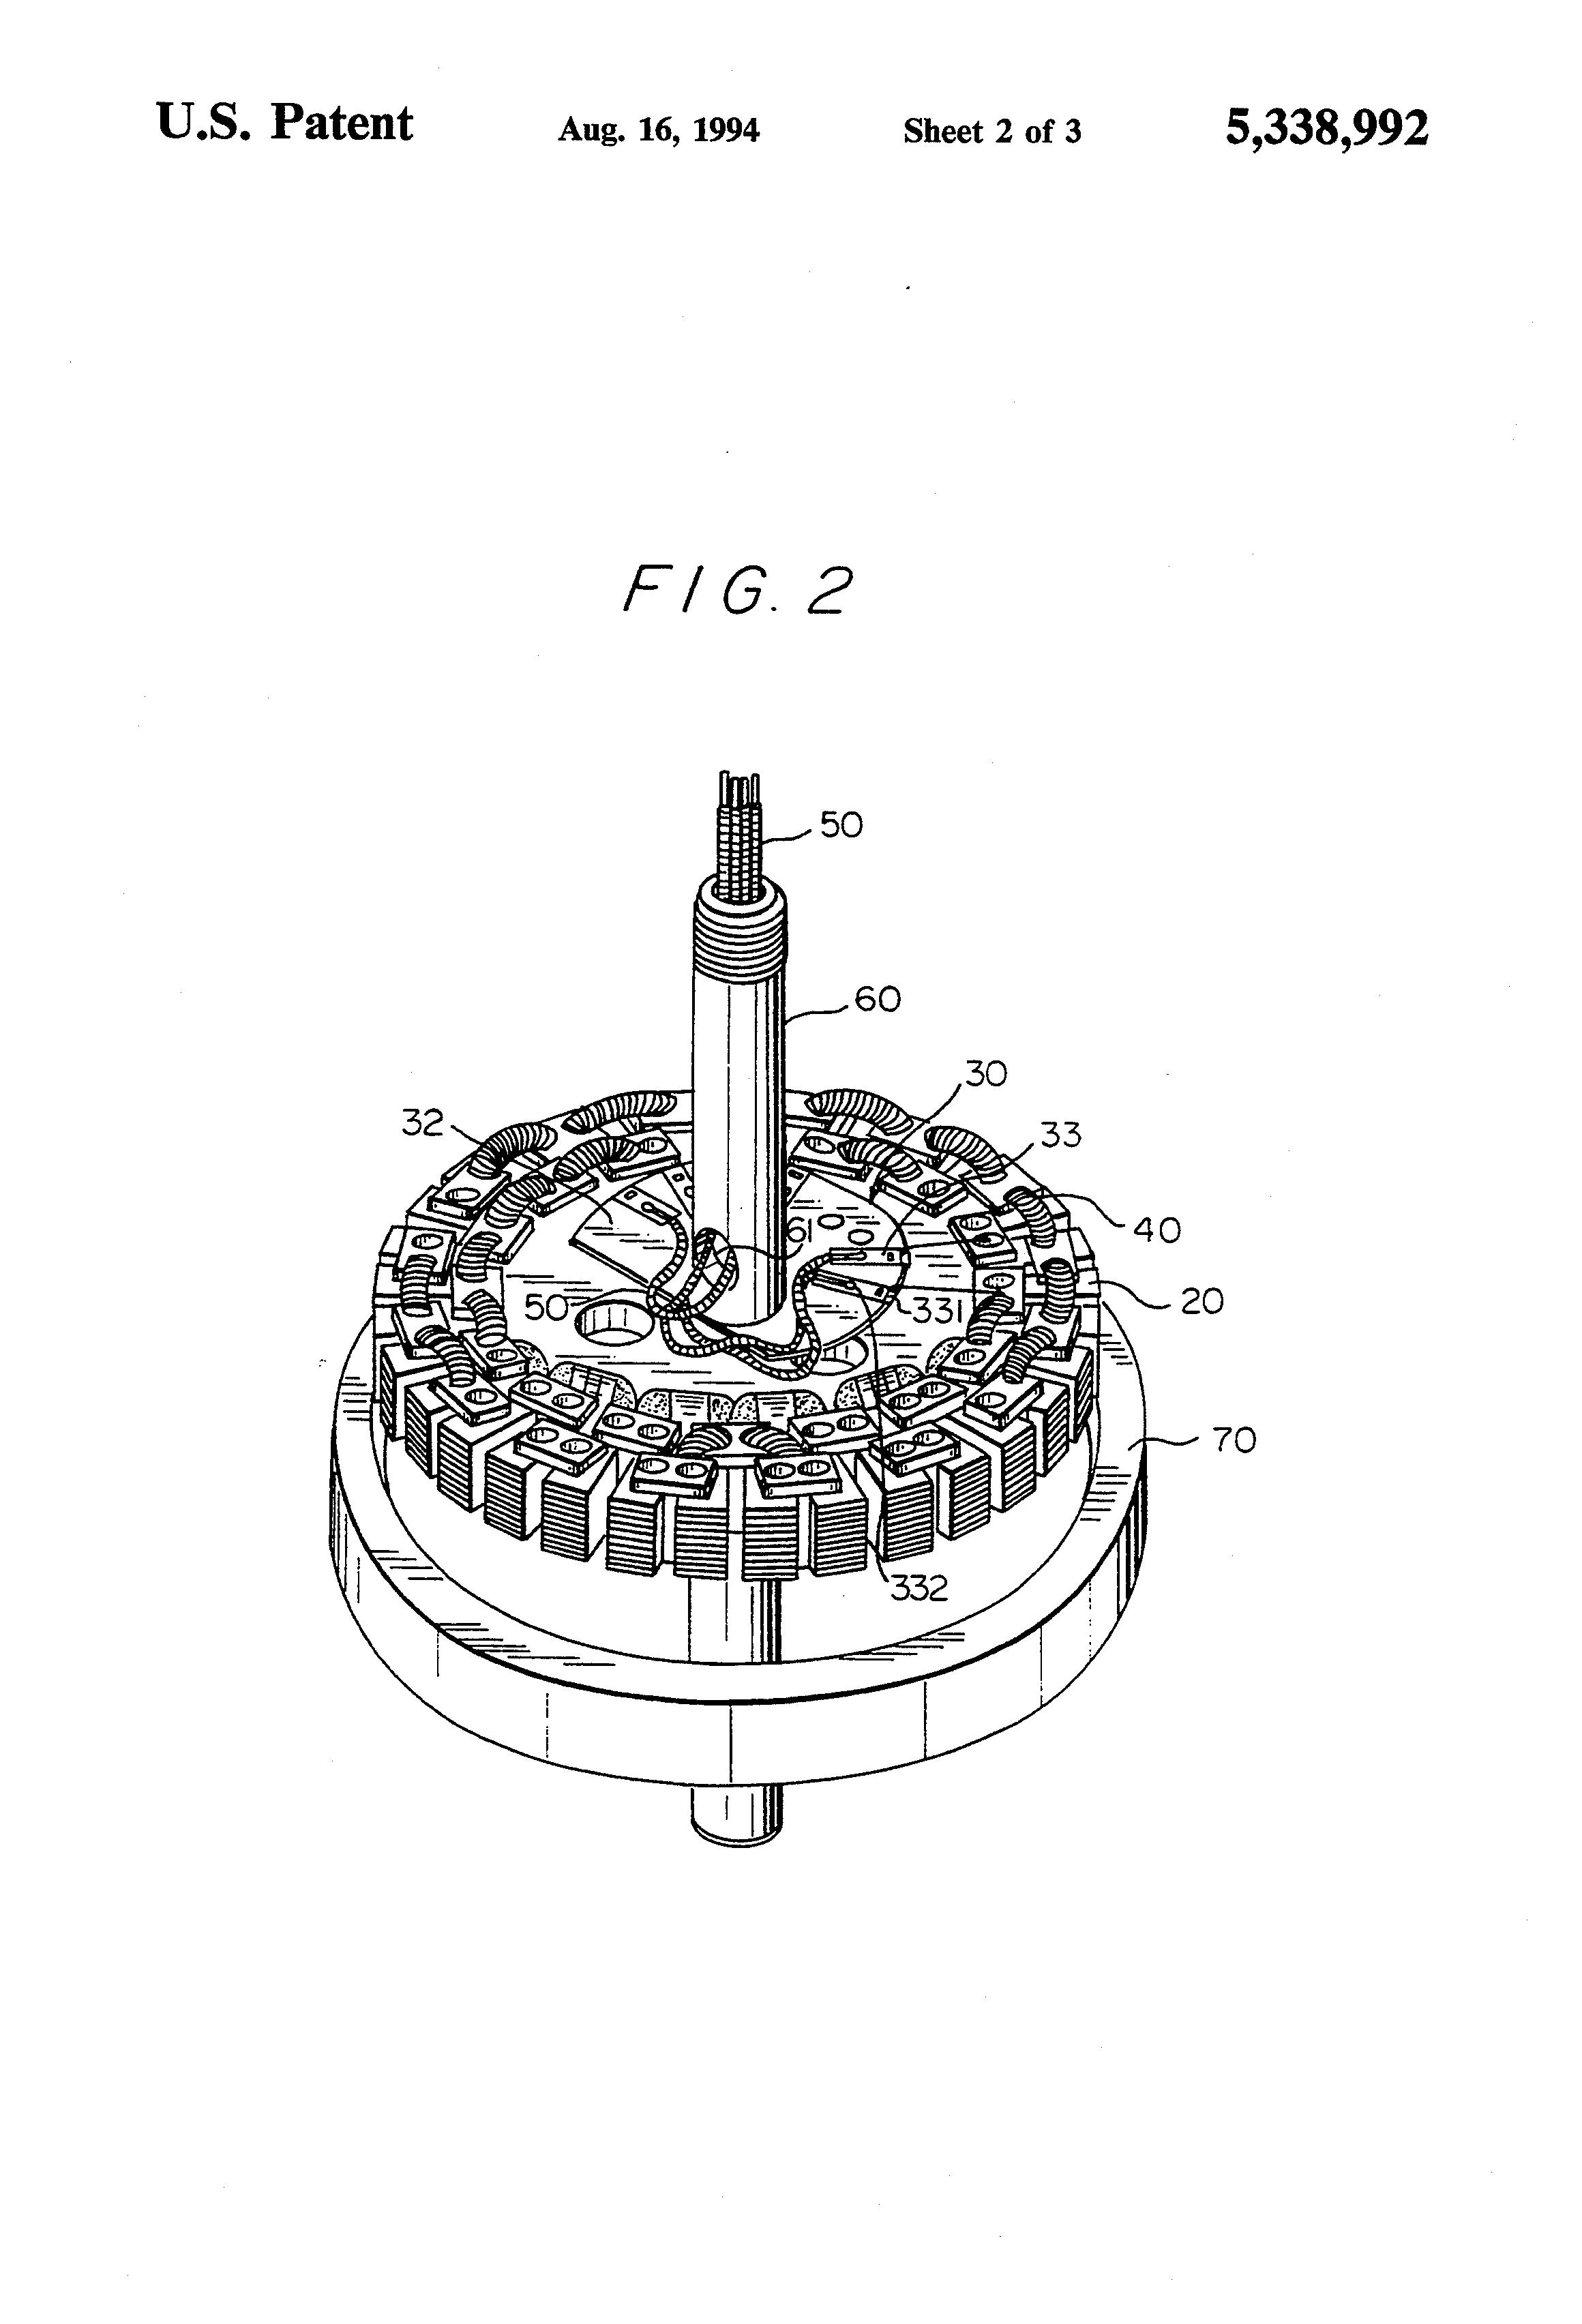 Internal Structure Of A Ceiling Fan Pranksenders